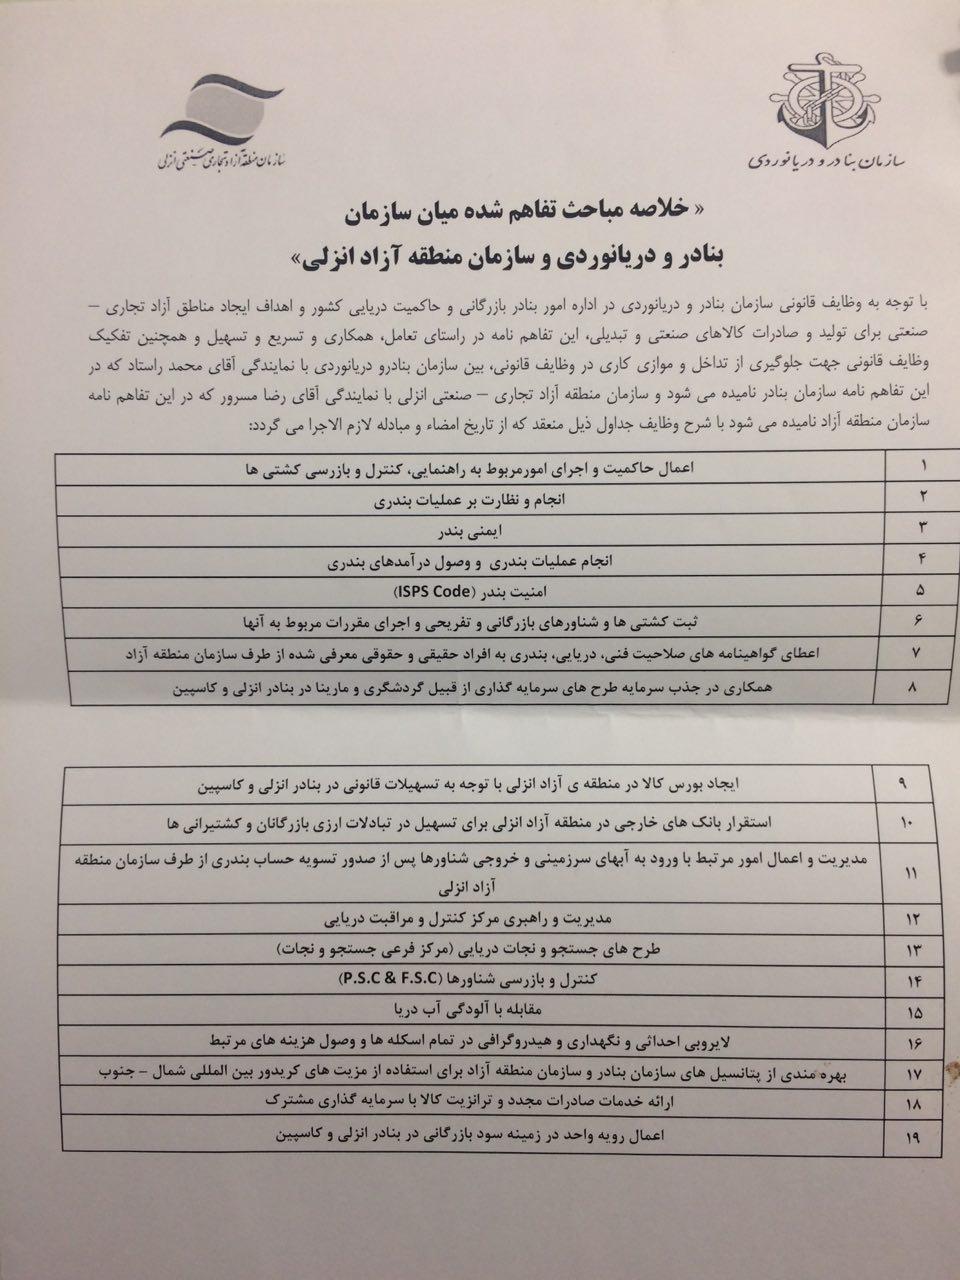 جزییات تفاهم نامه میان سازمان بنادر و دریانوردی و سازمان منطقه آزاد بندر انزلی